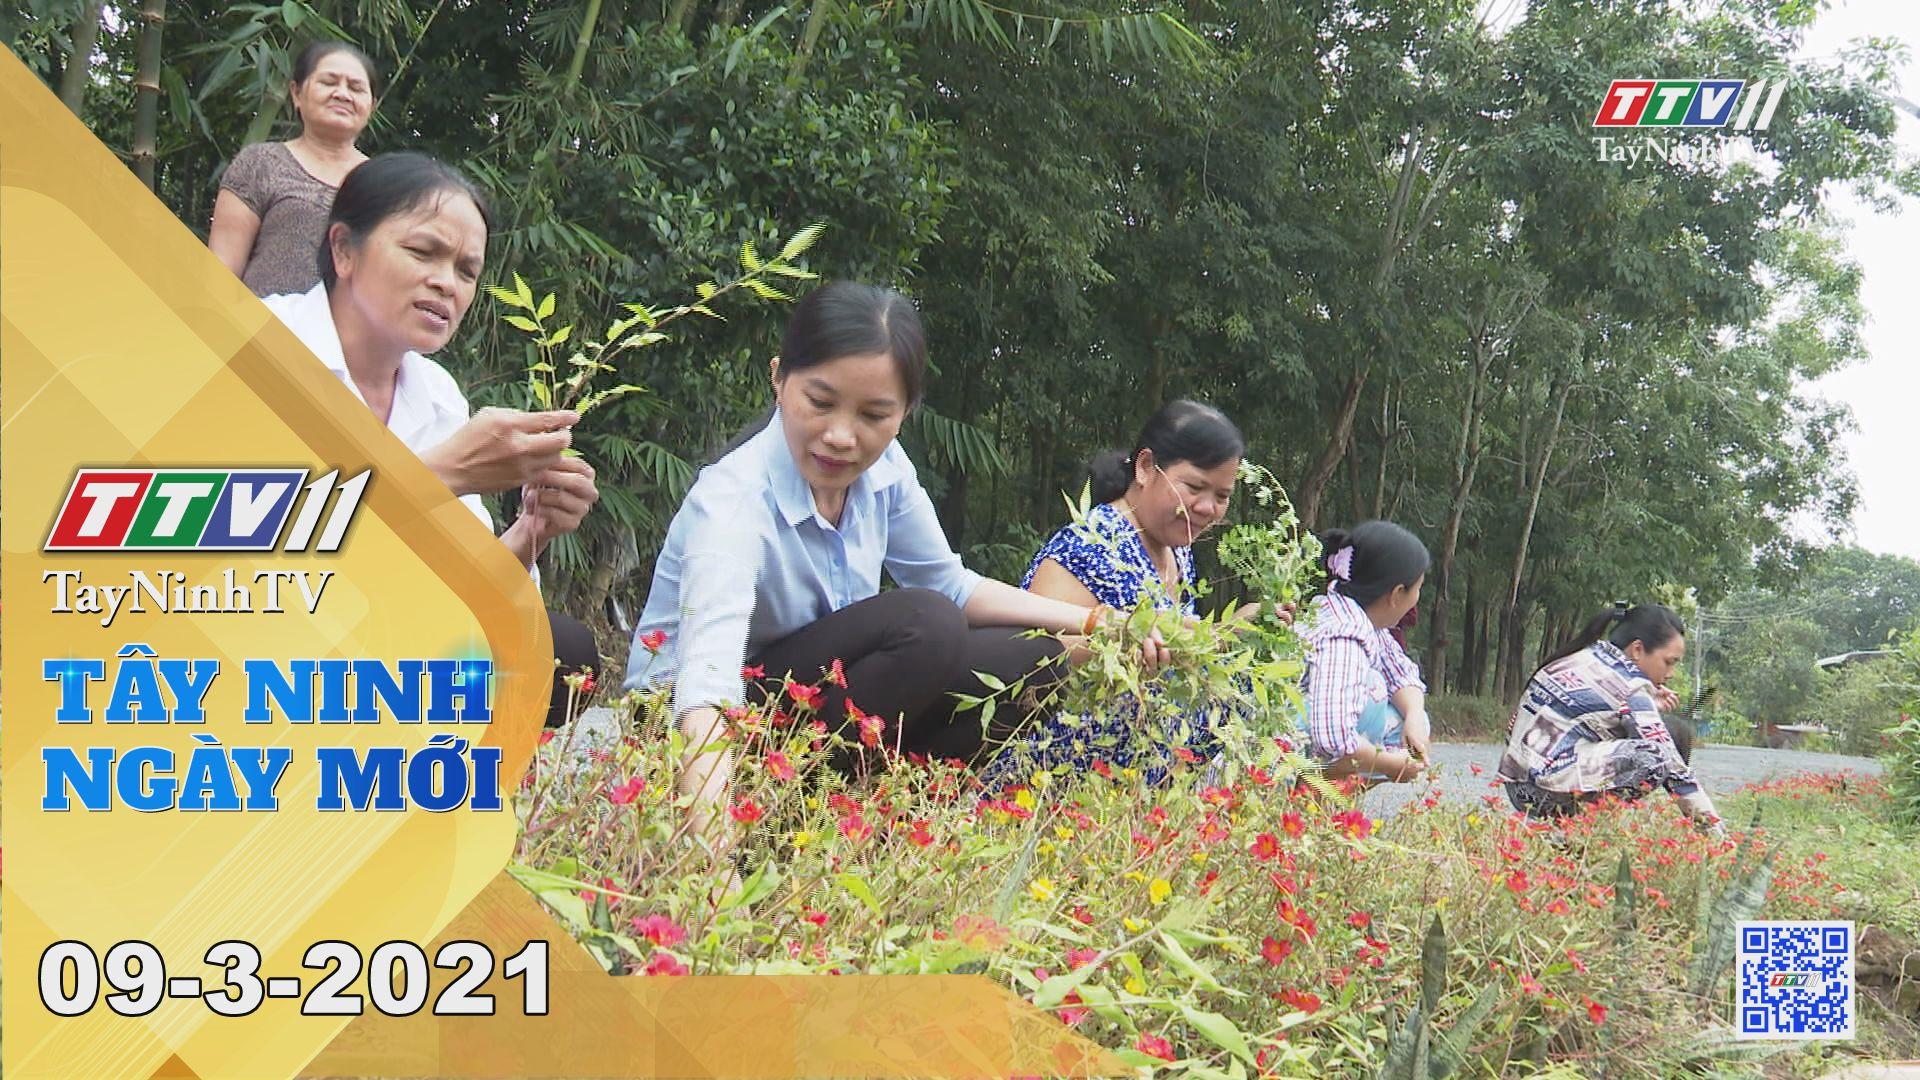 Tây Ninh Ngày Mới 09-3-2021 | Tin tức hôm nay | TayNinhTV